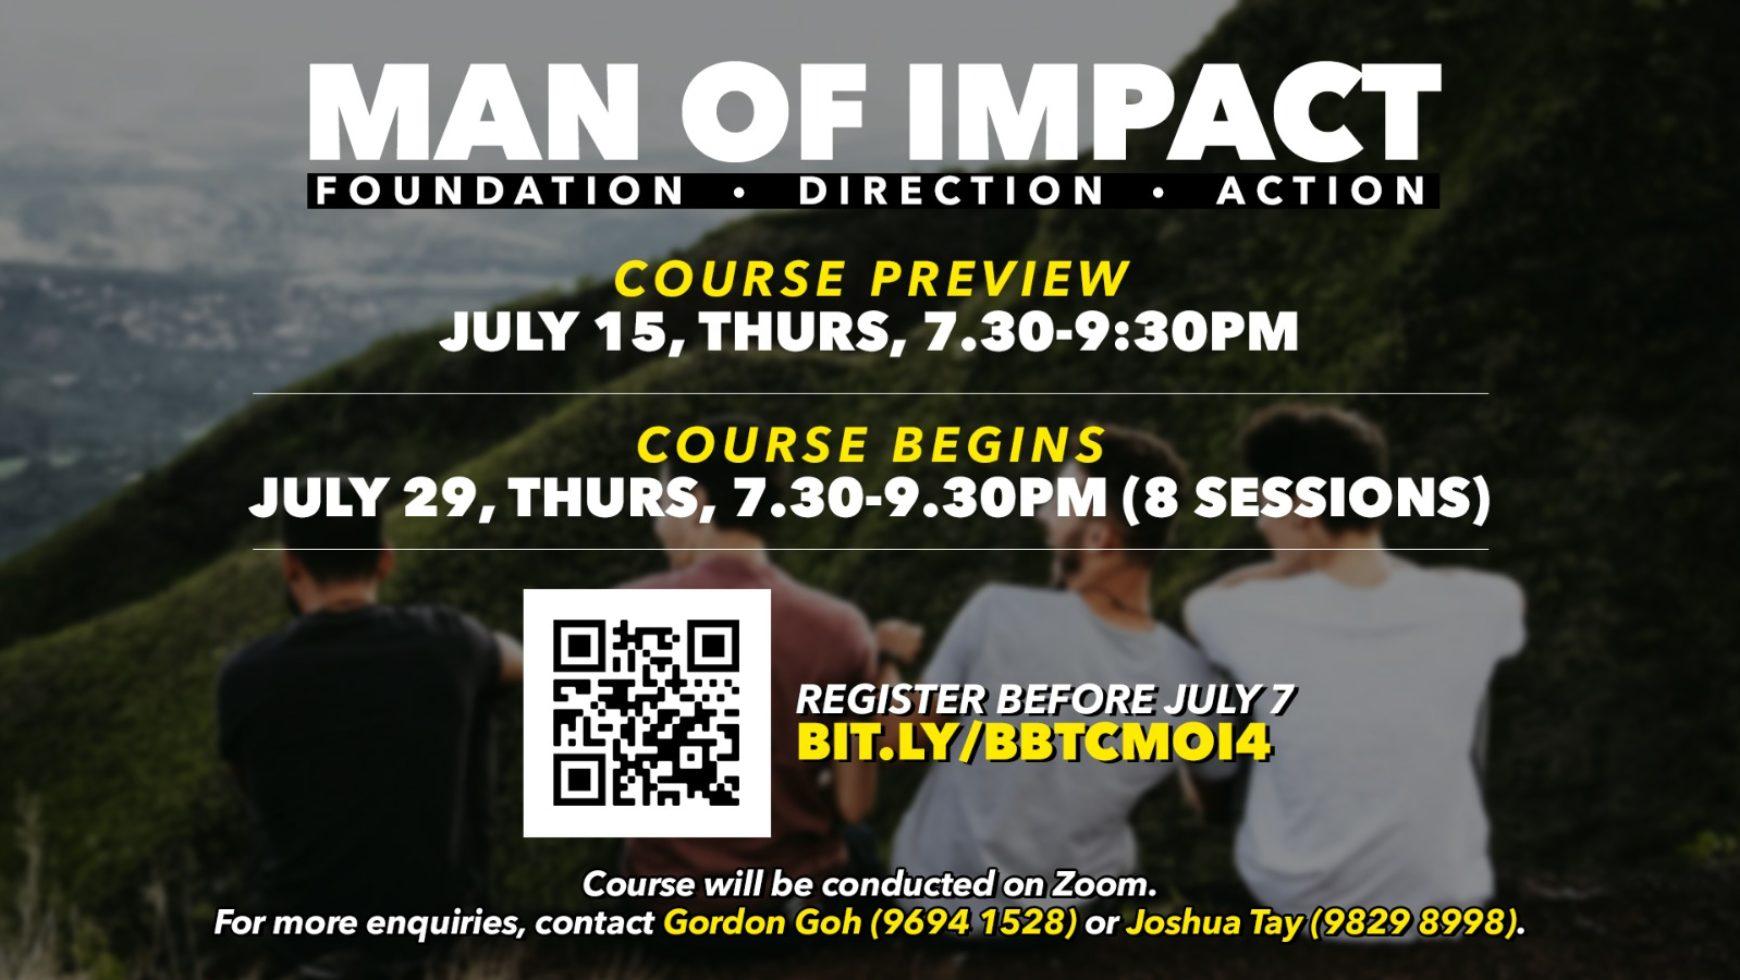 Man of Impact